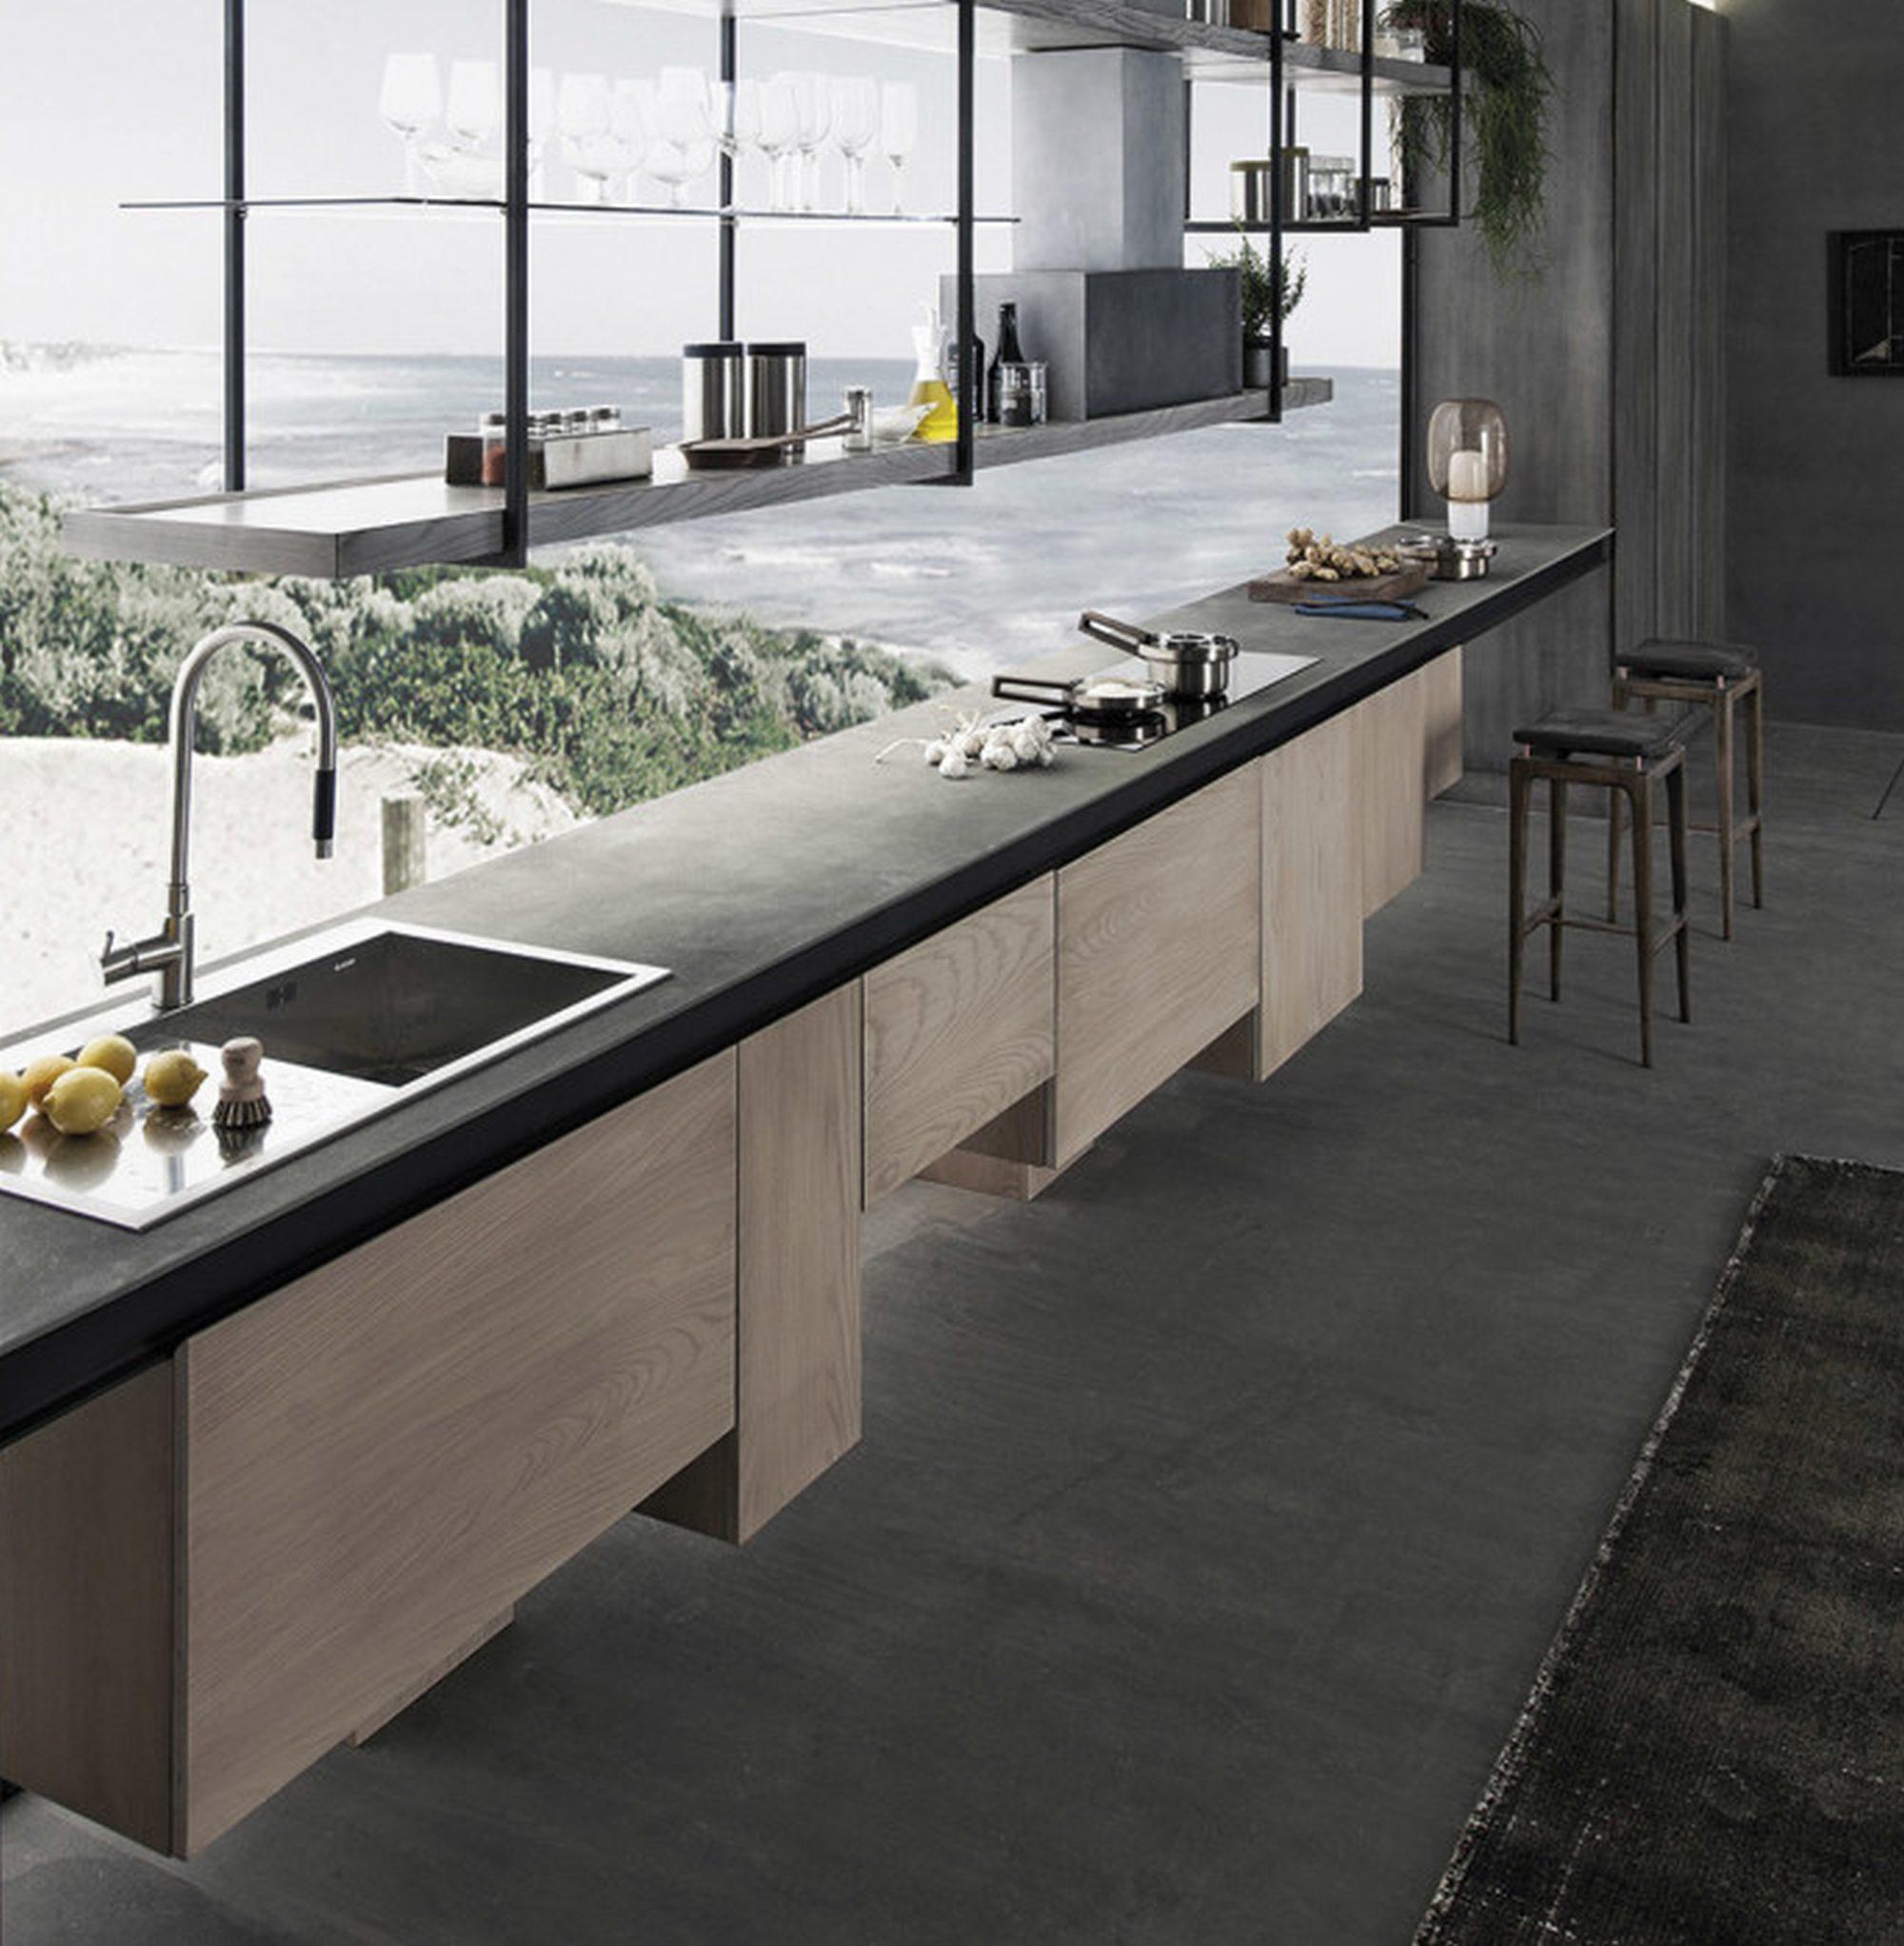 17 cocinas modernas con encimera de cemento for Cocinas en concreto